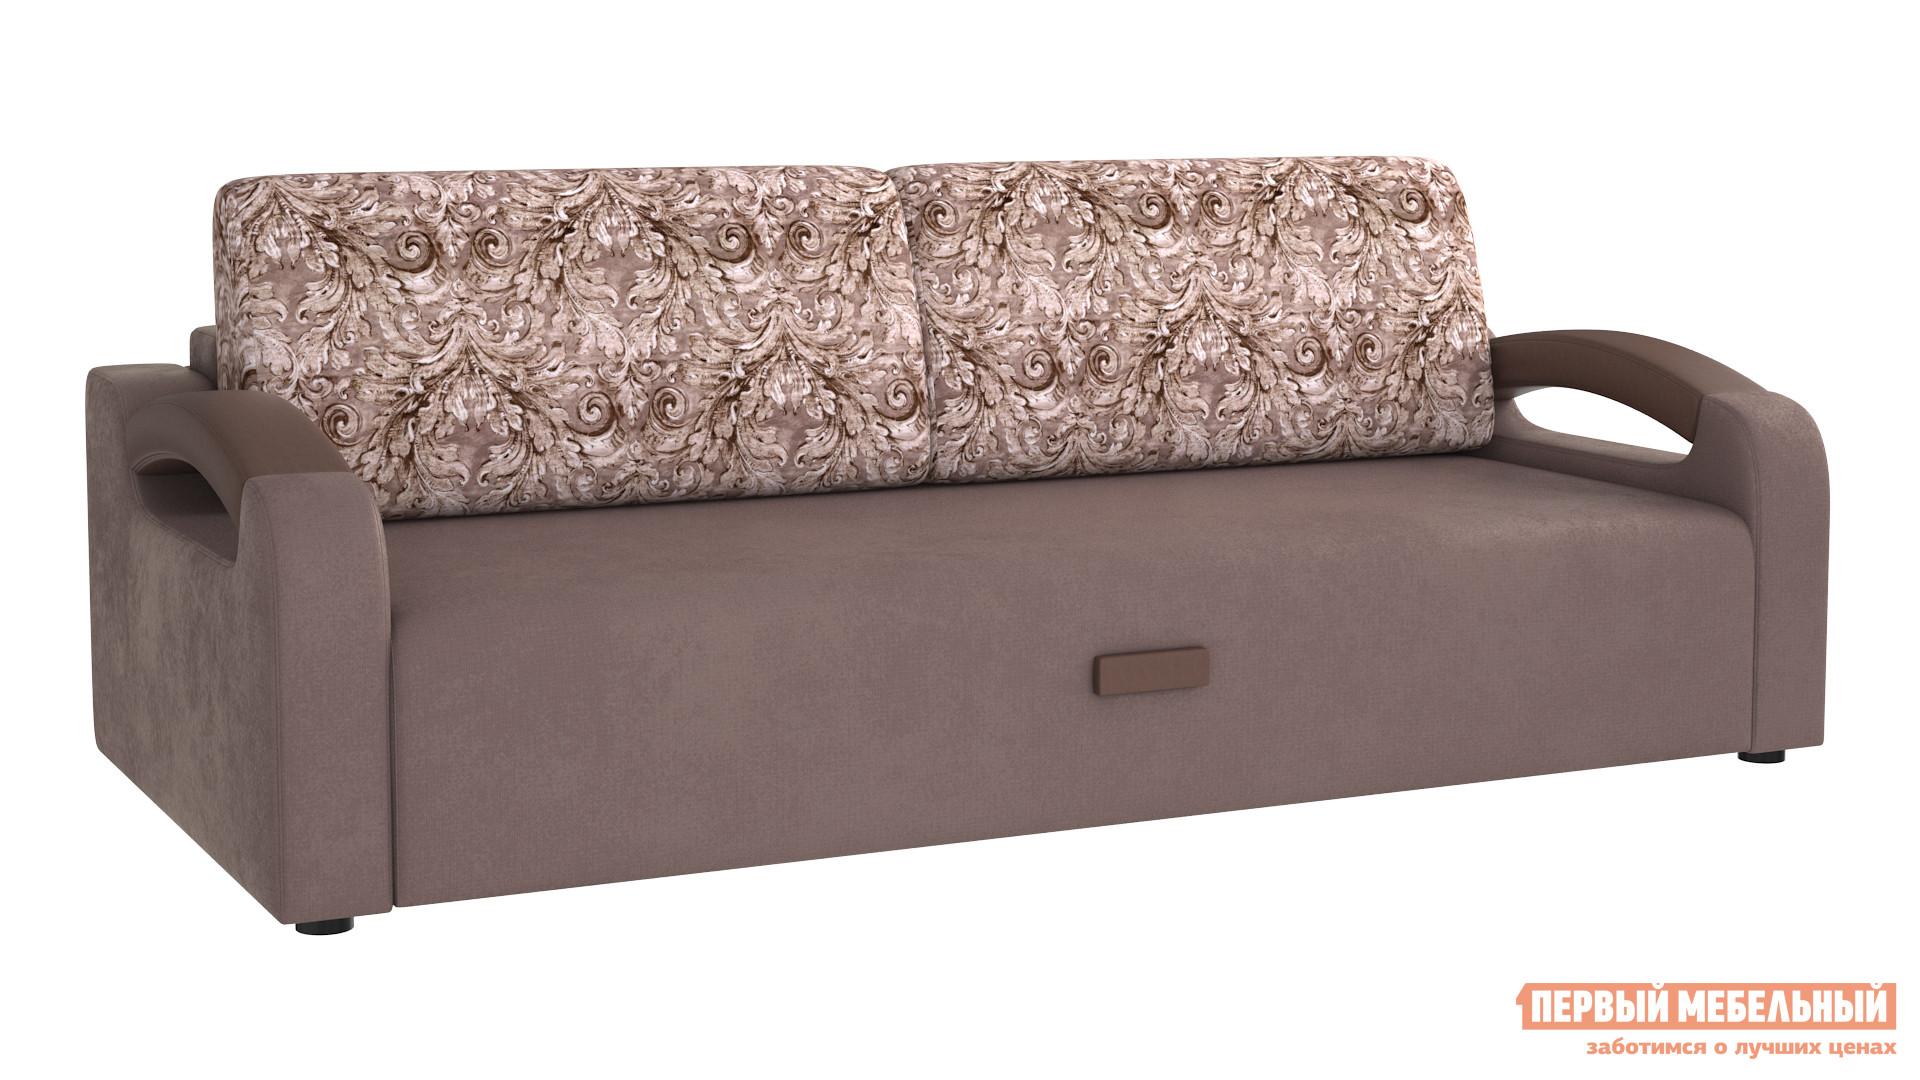 Прямой диван Первый Мебельный Диван Порто